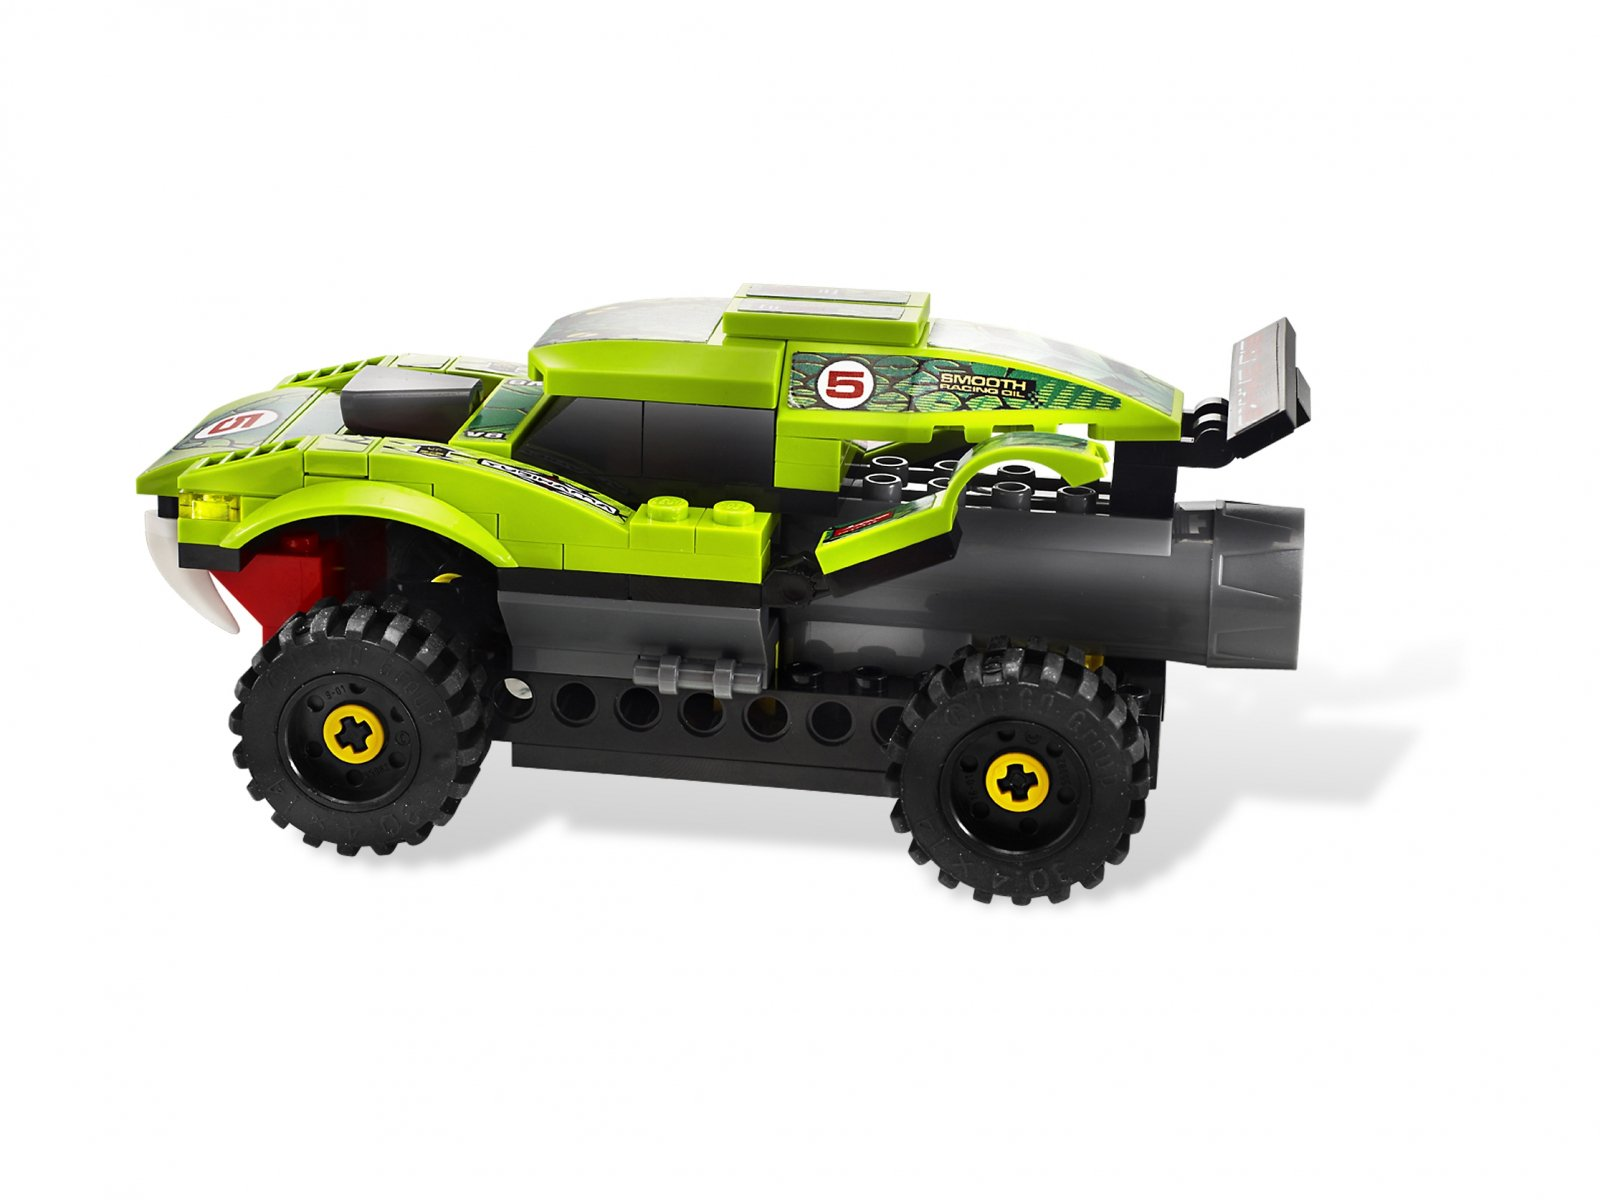 LEGO 8231 Groźna Żmija